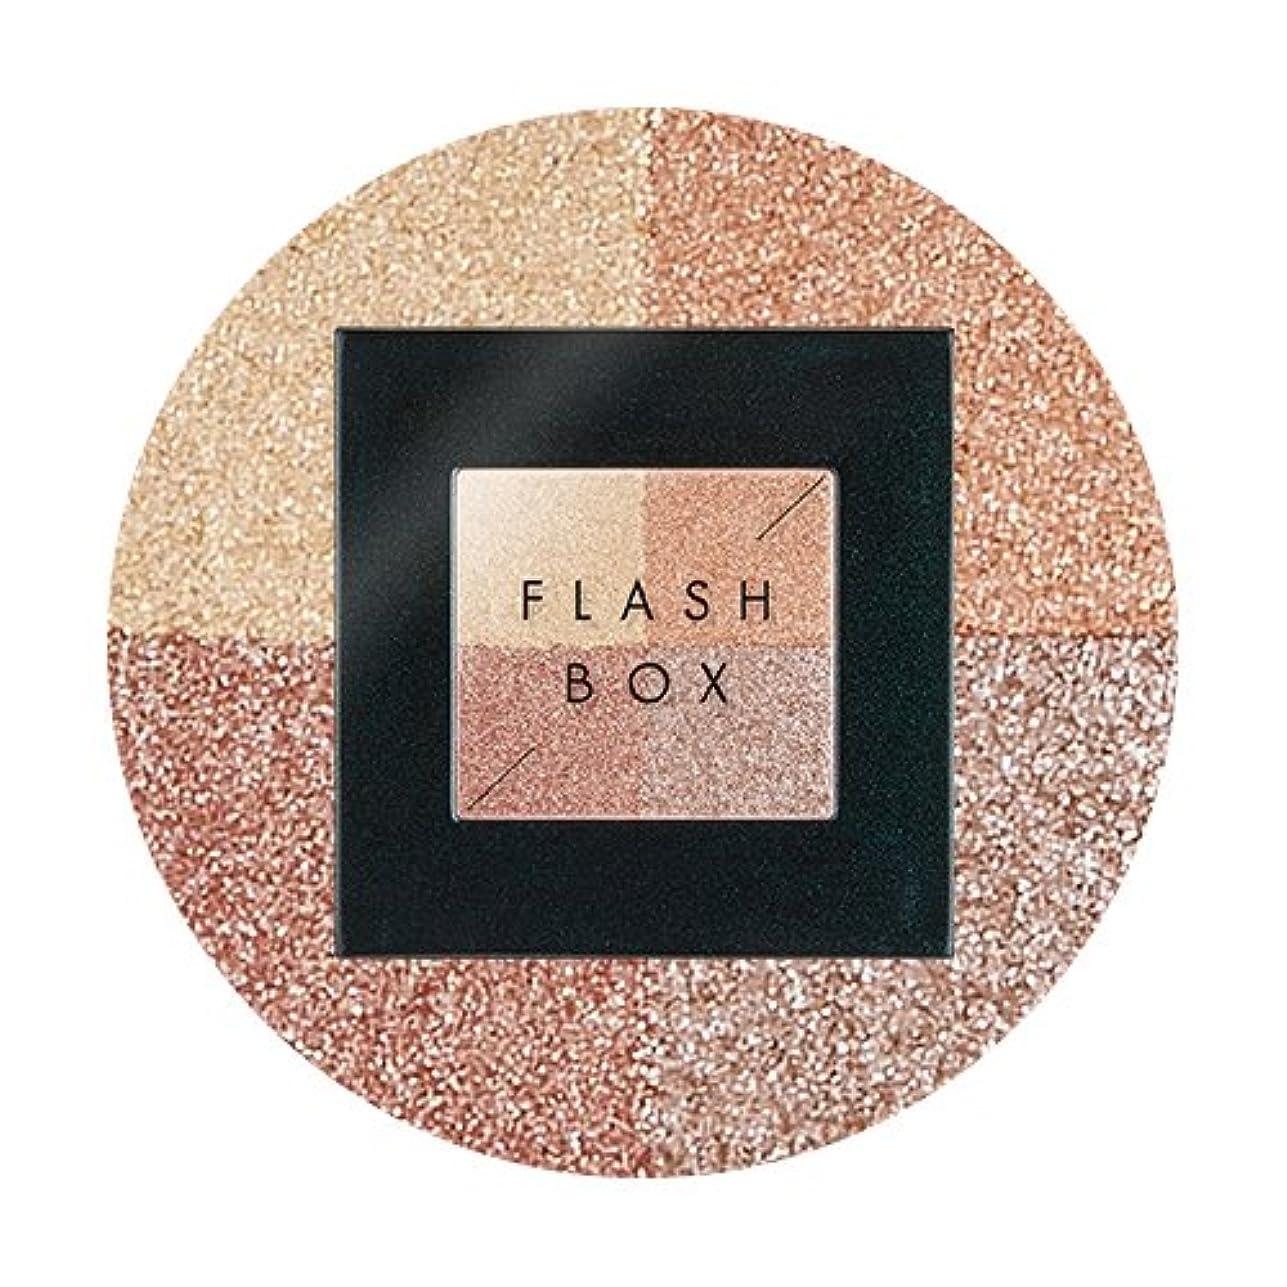 騒乱特定の野球APIEU Flash Box (#2 Lustering Time) / [アピュ/オピュ] フラッシュボックス [並行輸入品]